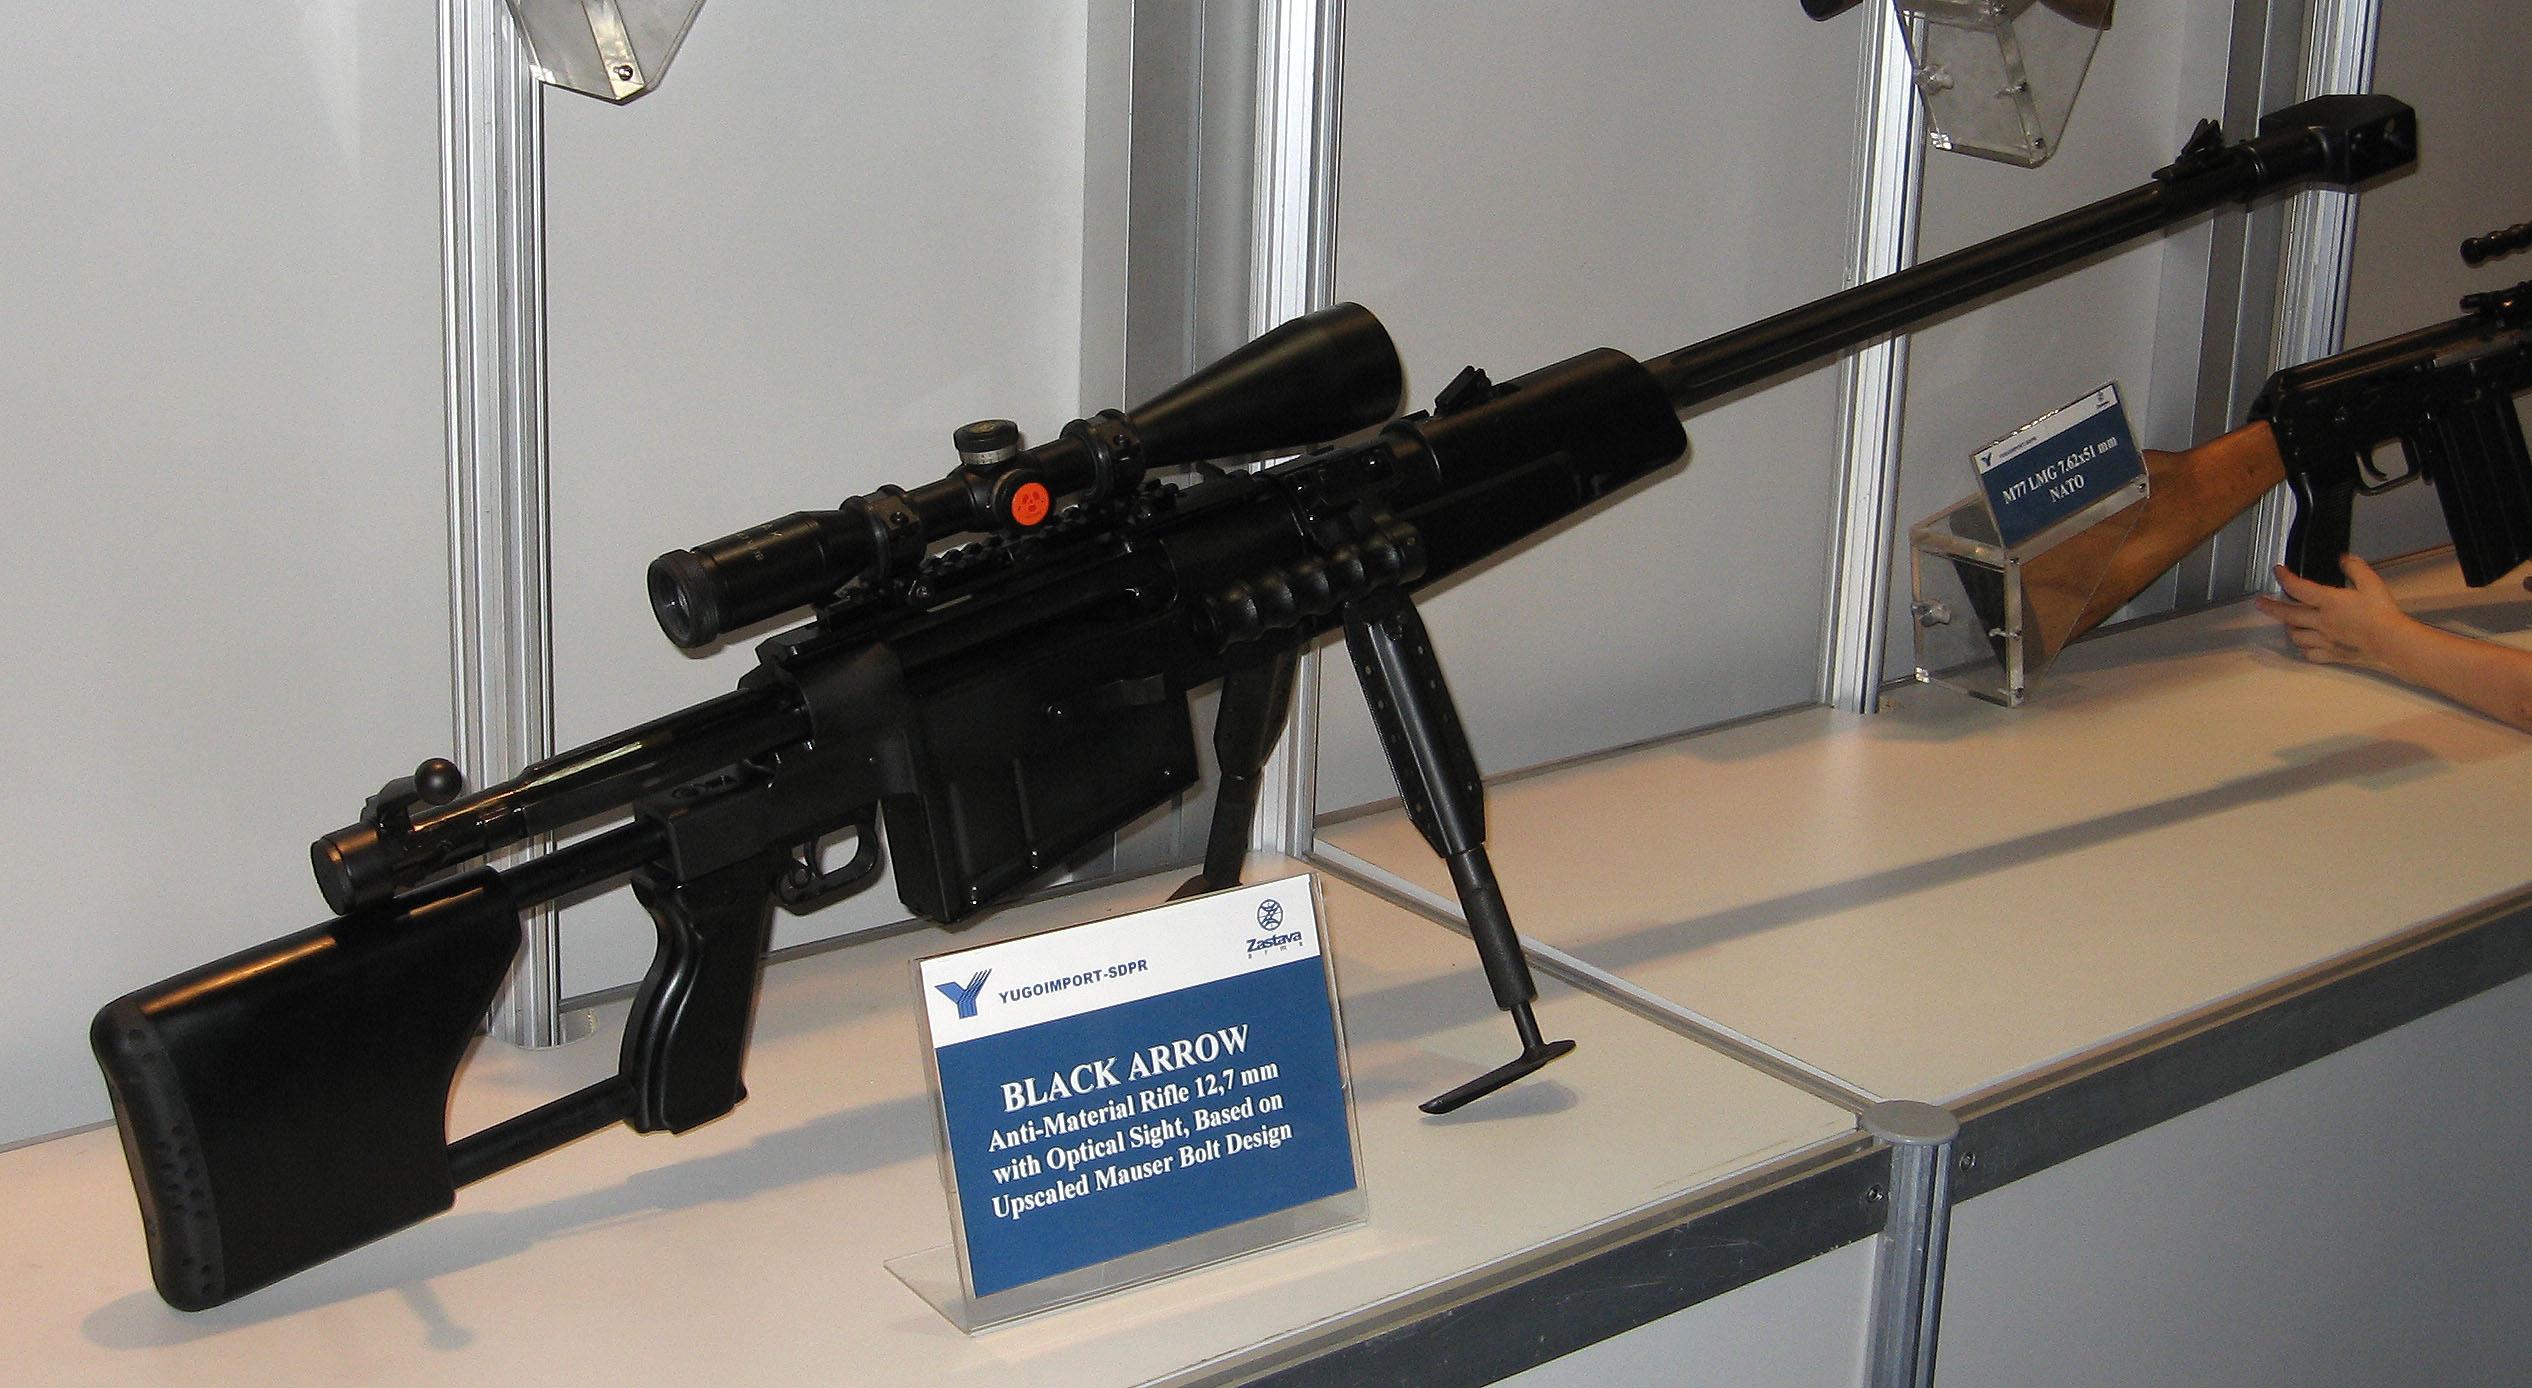 القناصة اليوغسلافية M-93 Black Arrow Sniper_Zastava_M93